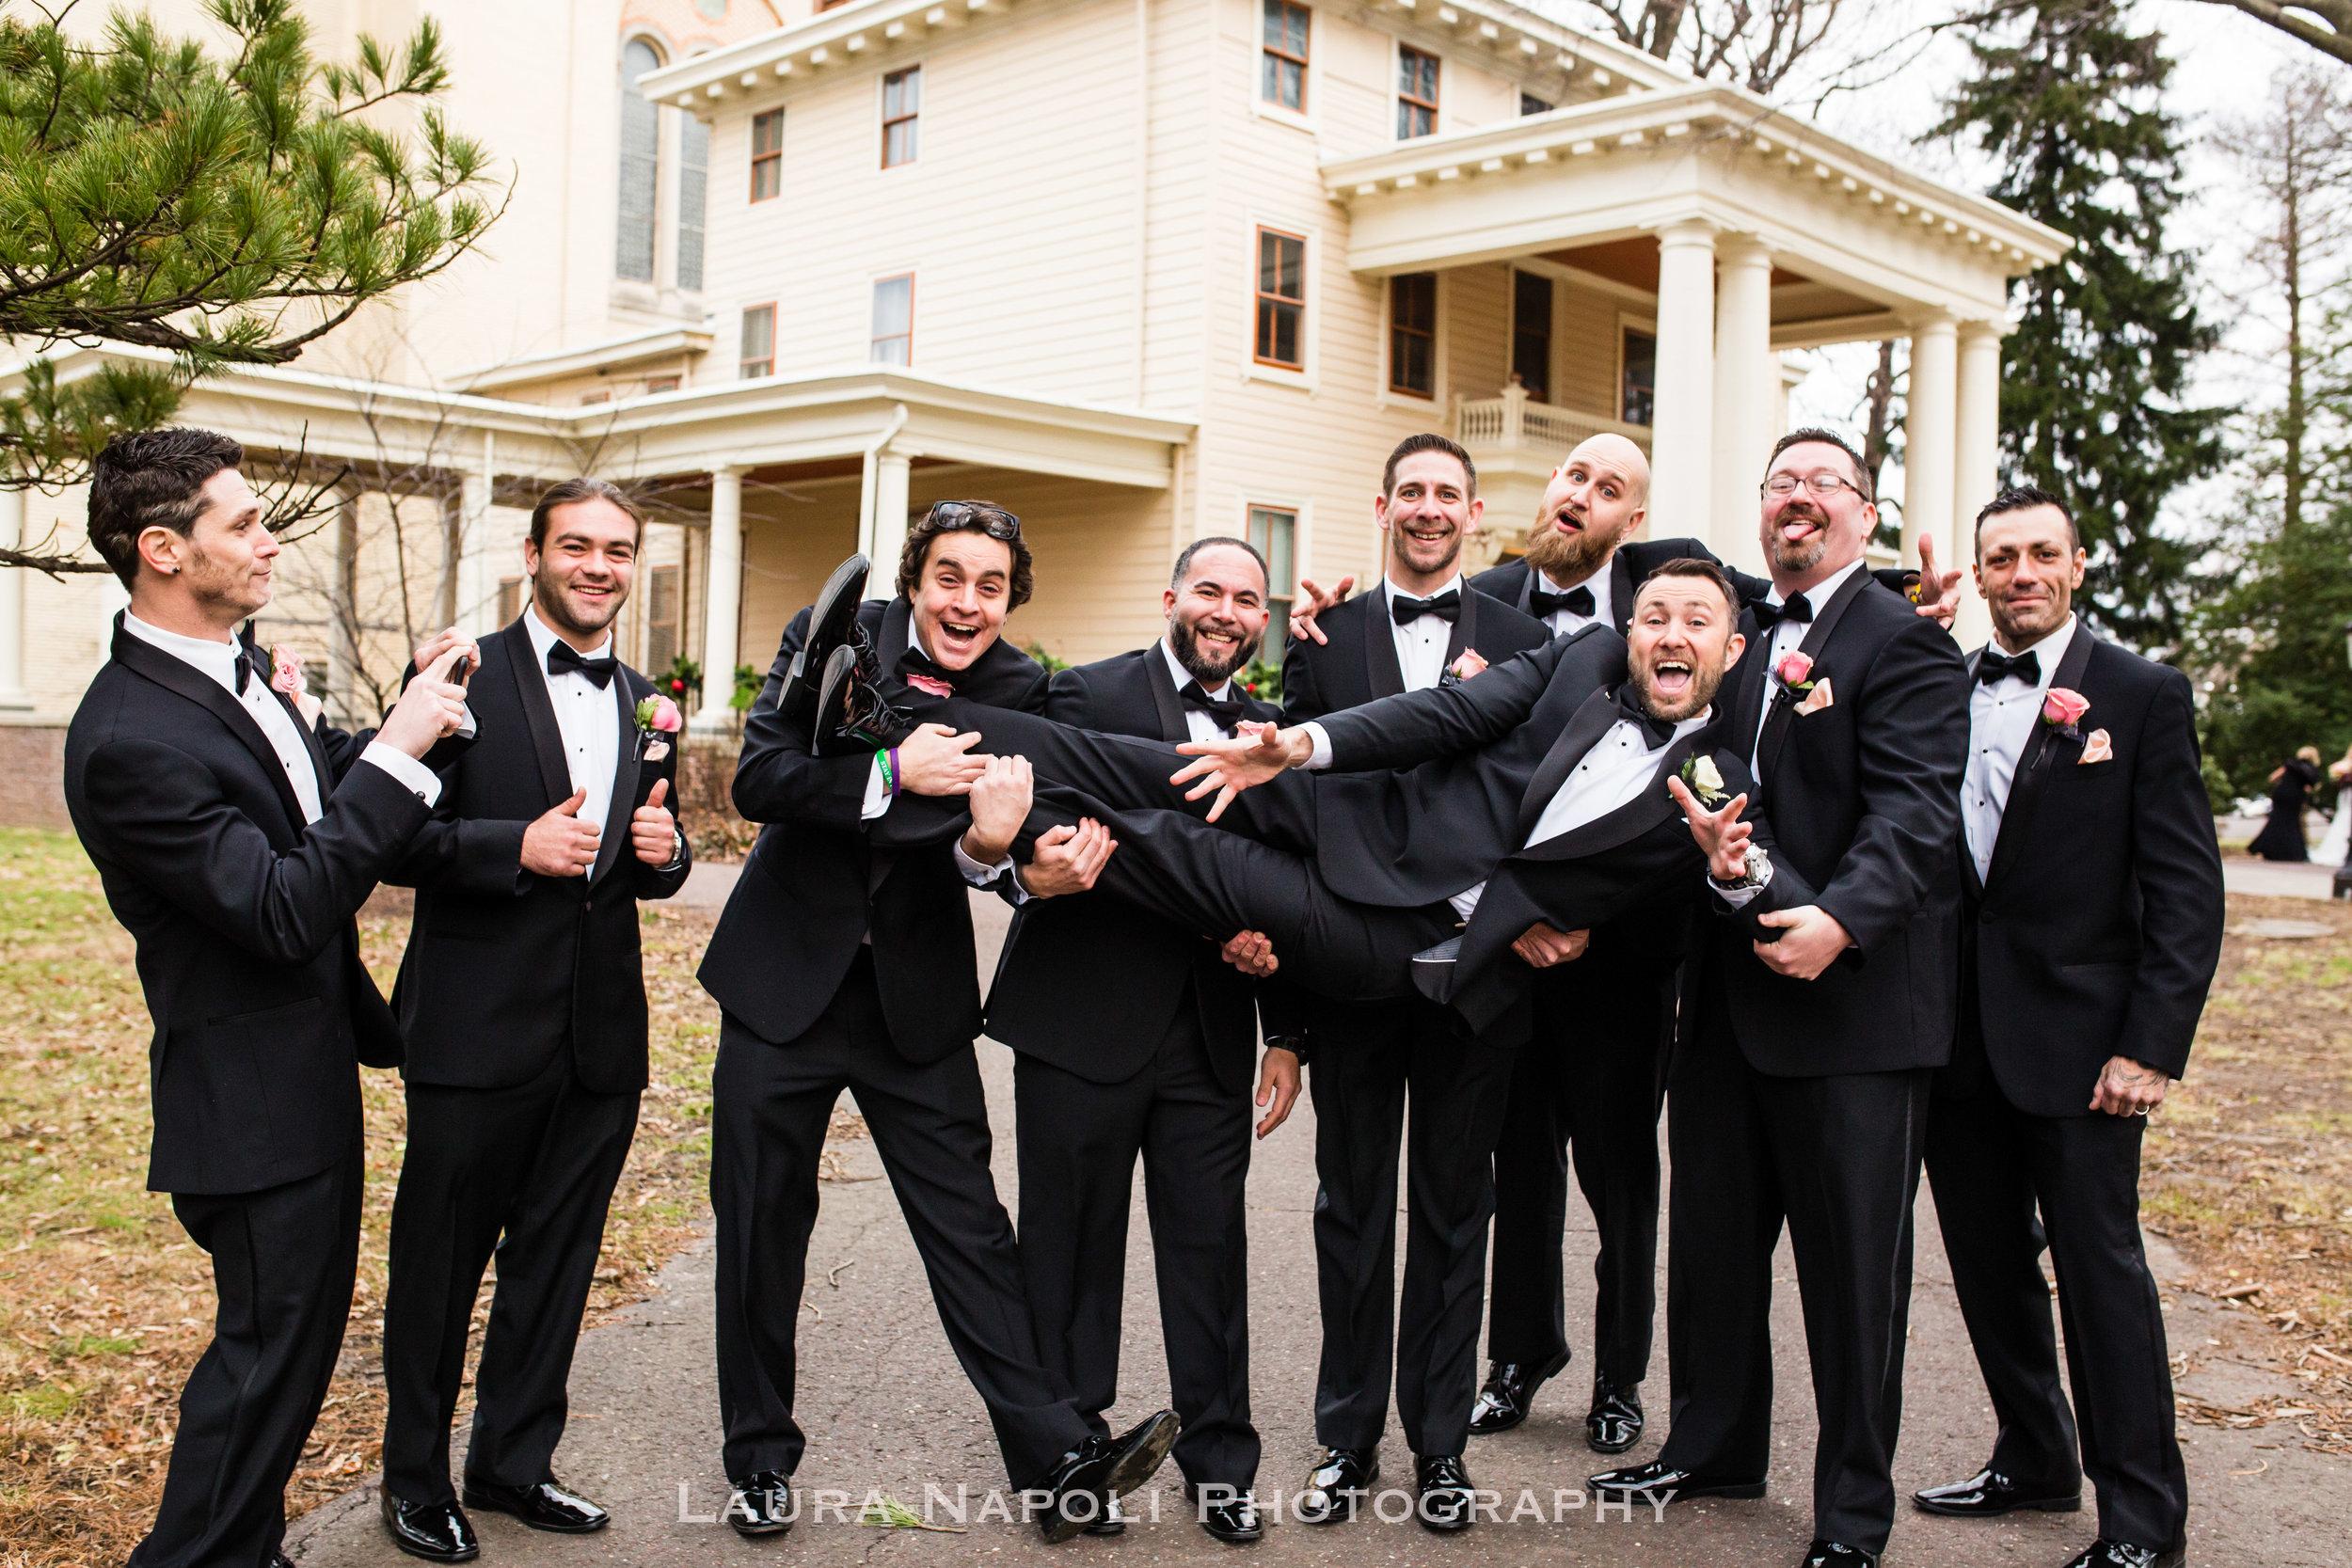 Collingswoodballroomweddingcollingswoodnj-34.jpg